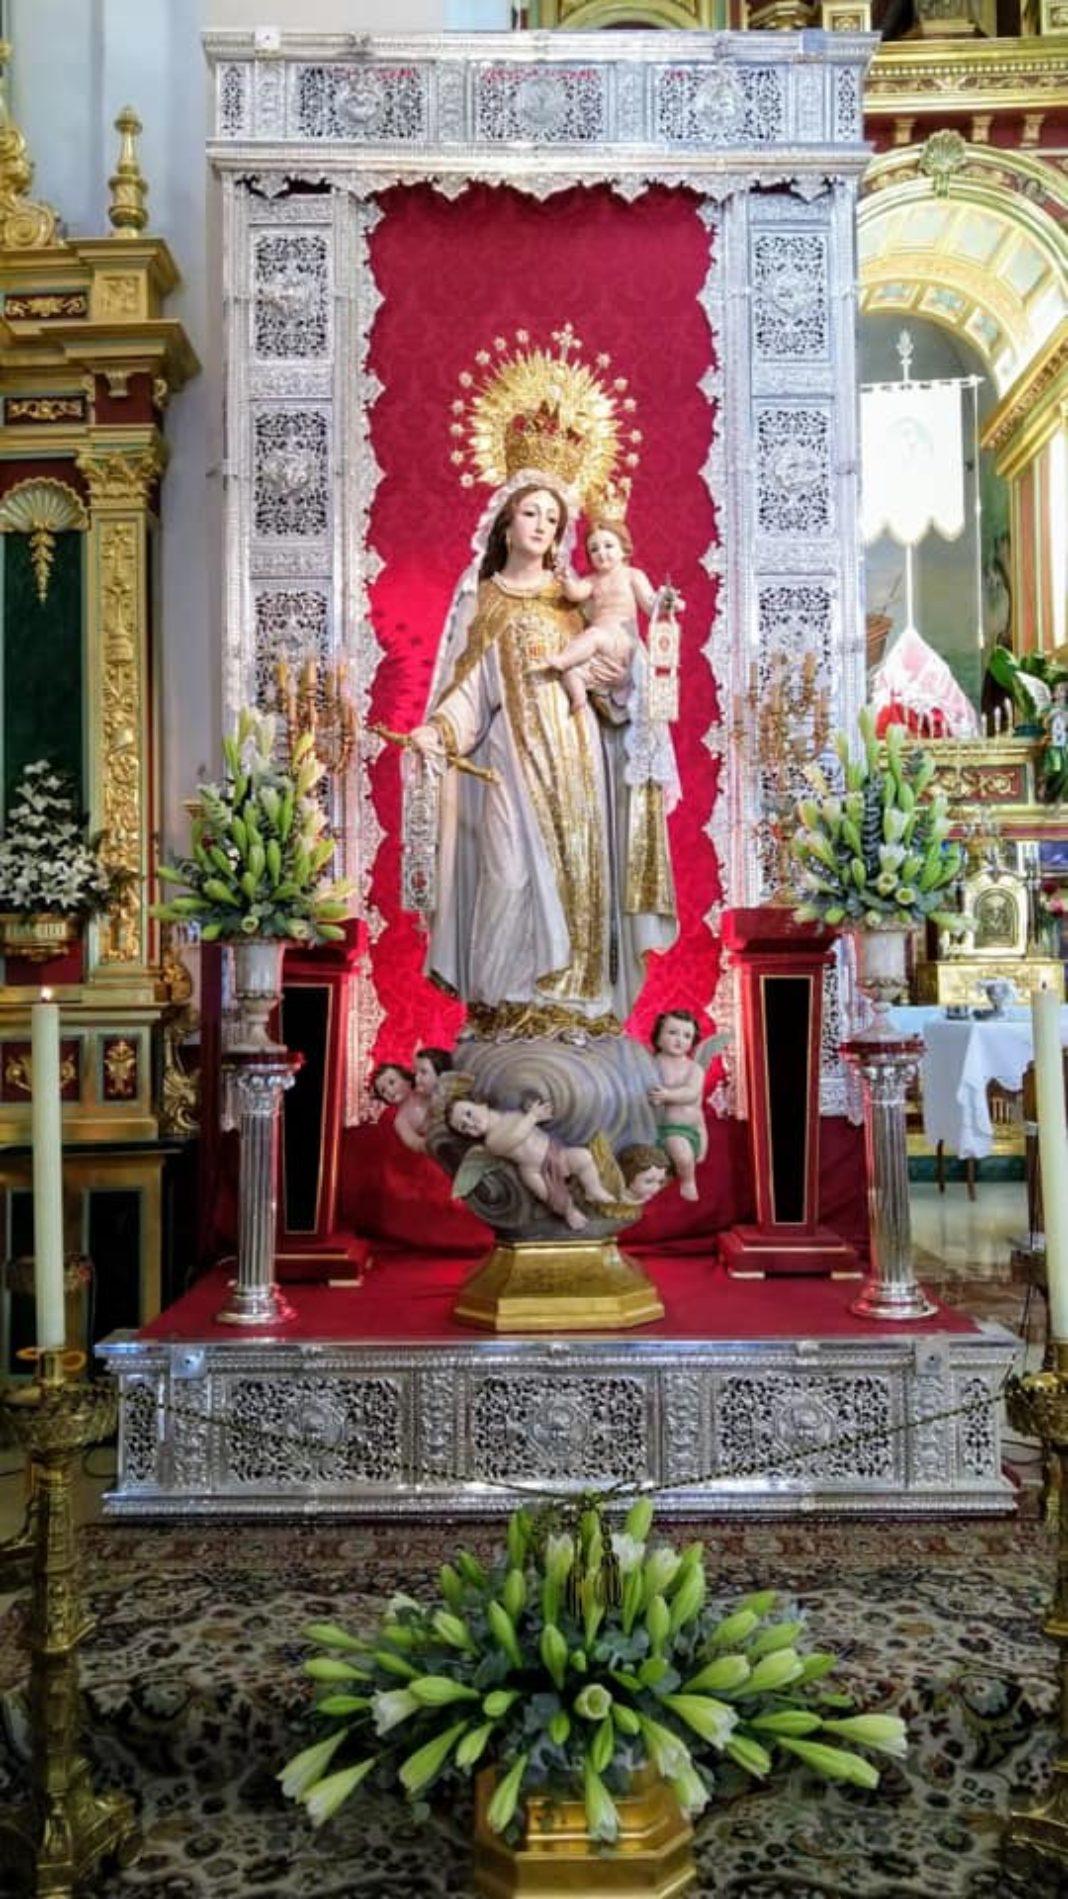 Virgen de las mercedes en devoto besapie 1068x1899 - Besapié a la Virgen de las Mercedes